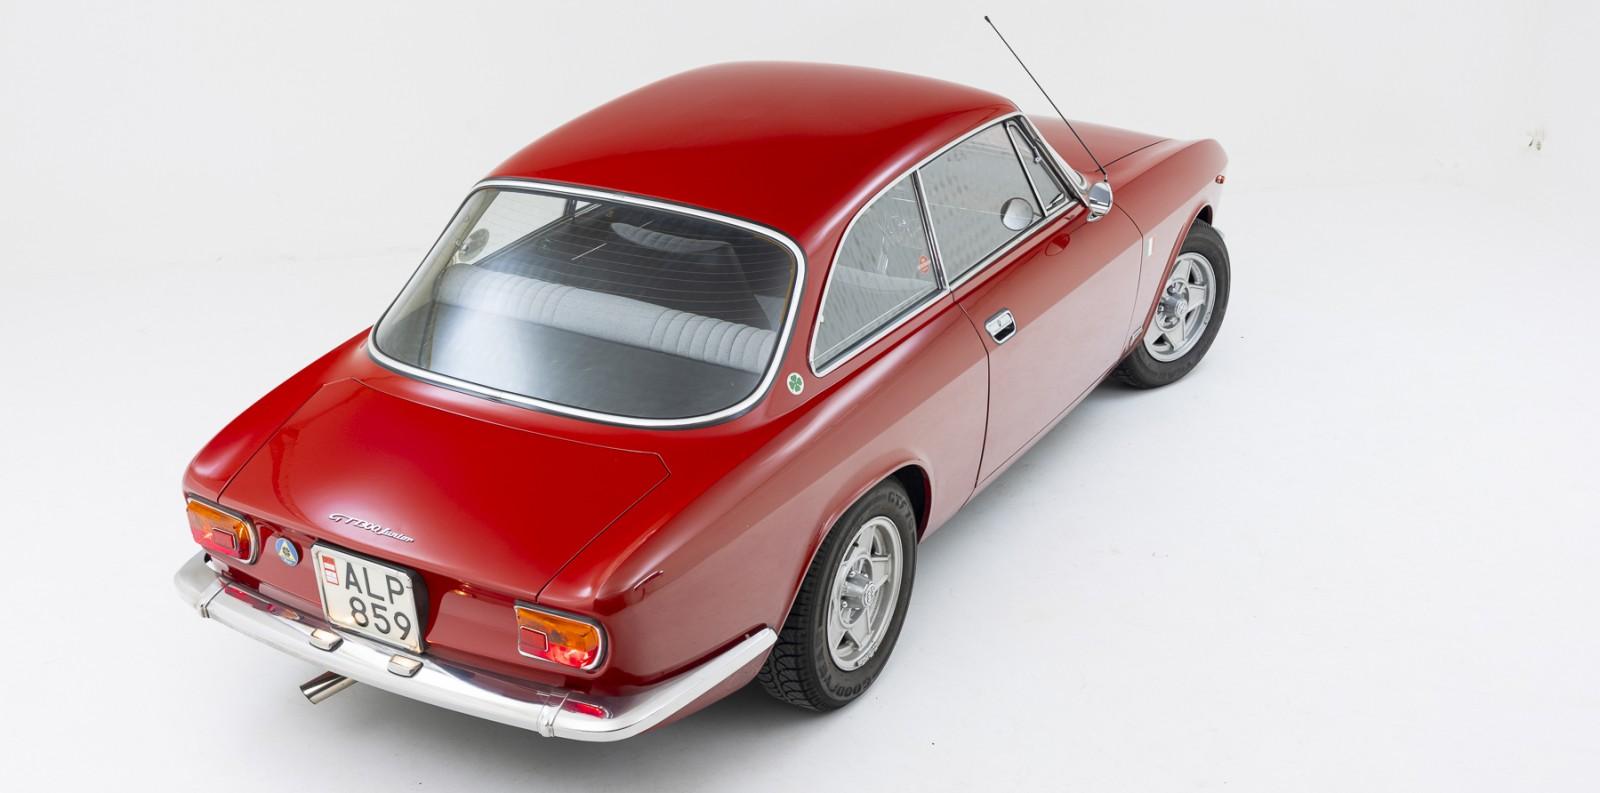 Alfa Romeo kunde kalla den lite vad som helst, hos entusiasterna är den mest känd som Bertone-Coupén. Stor guide!